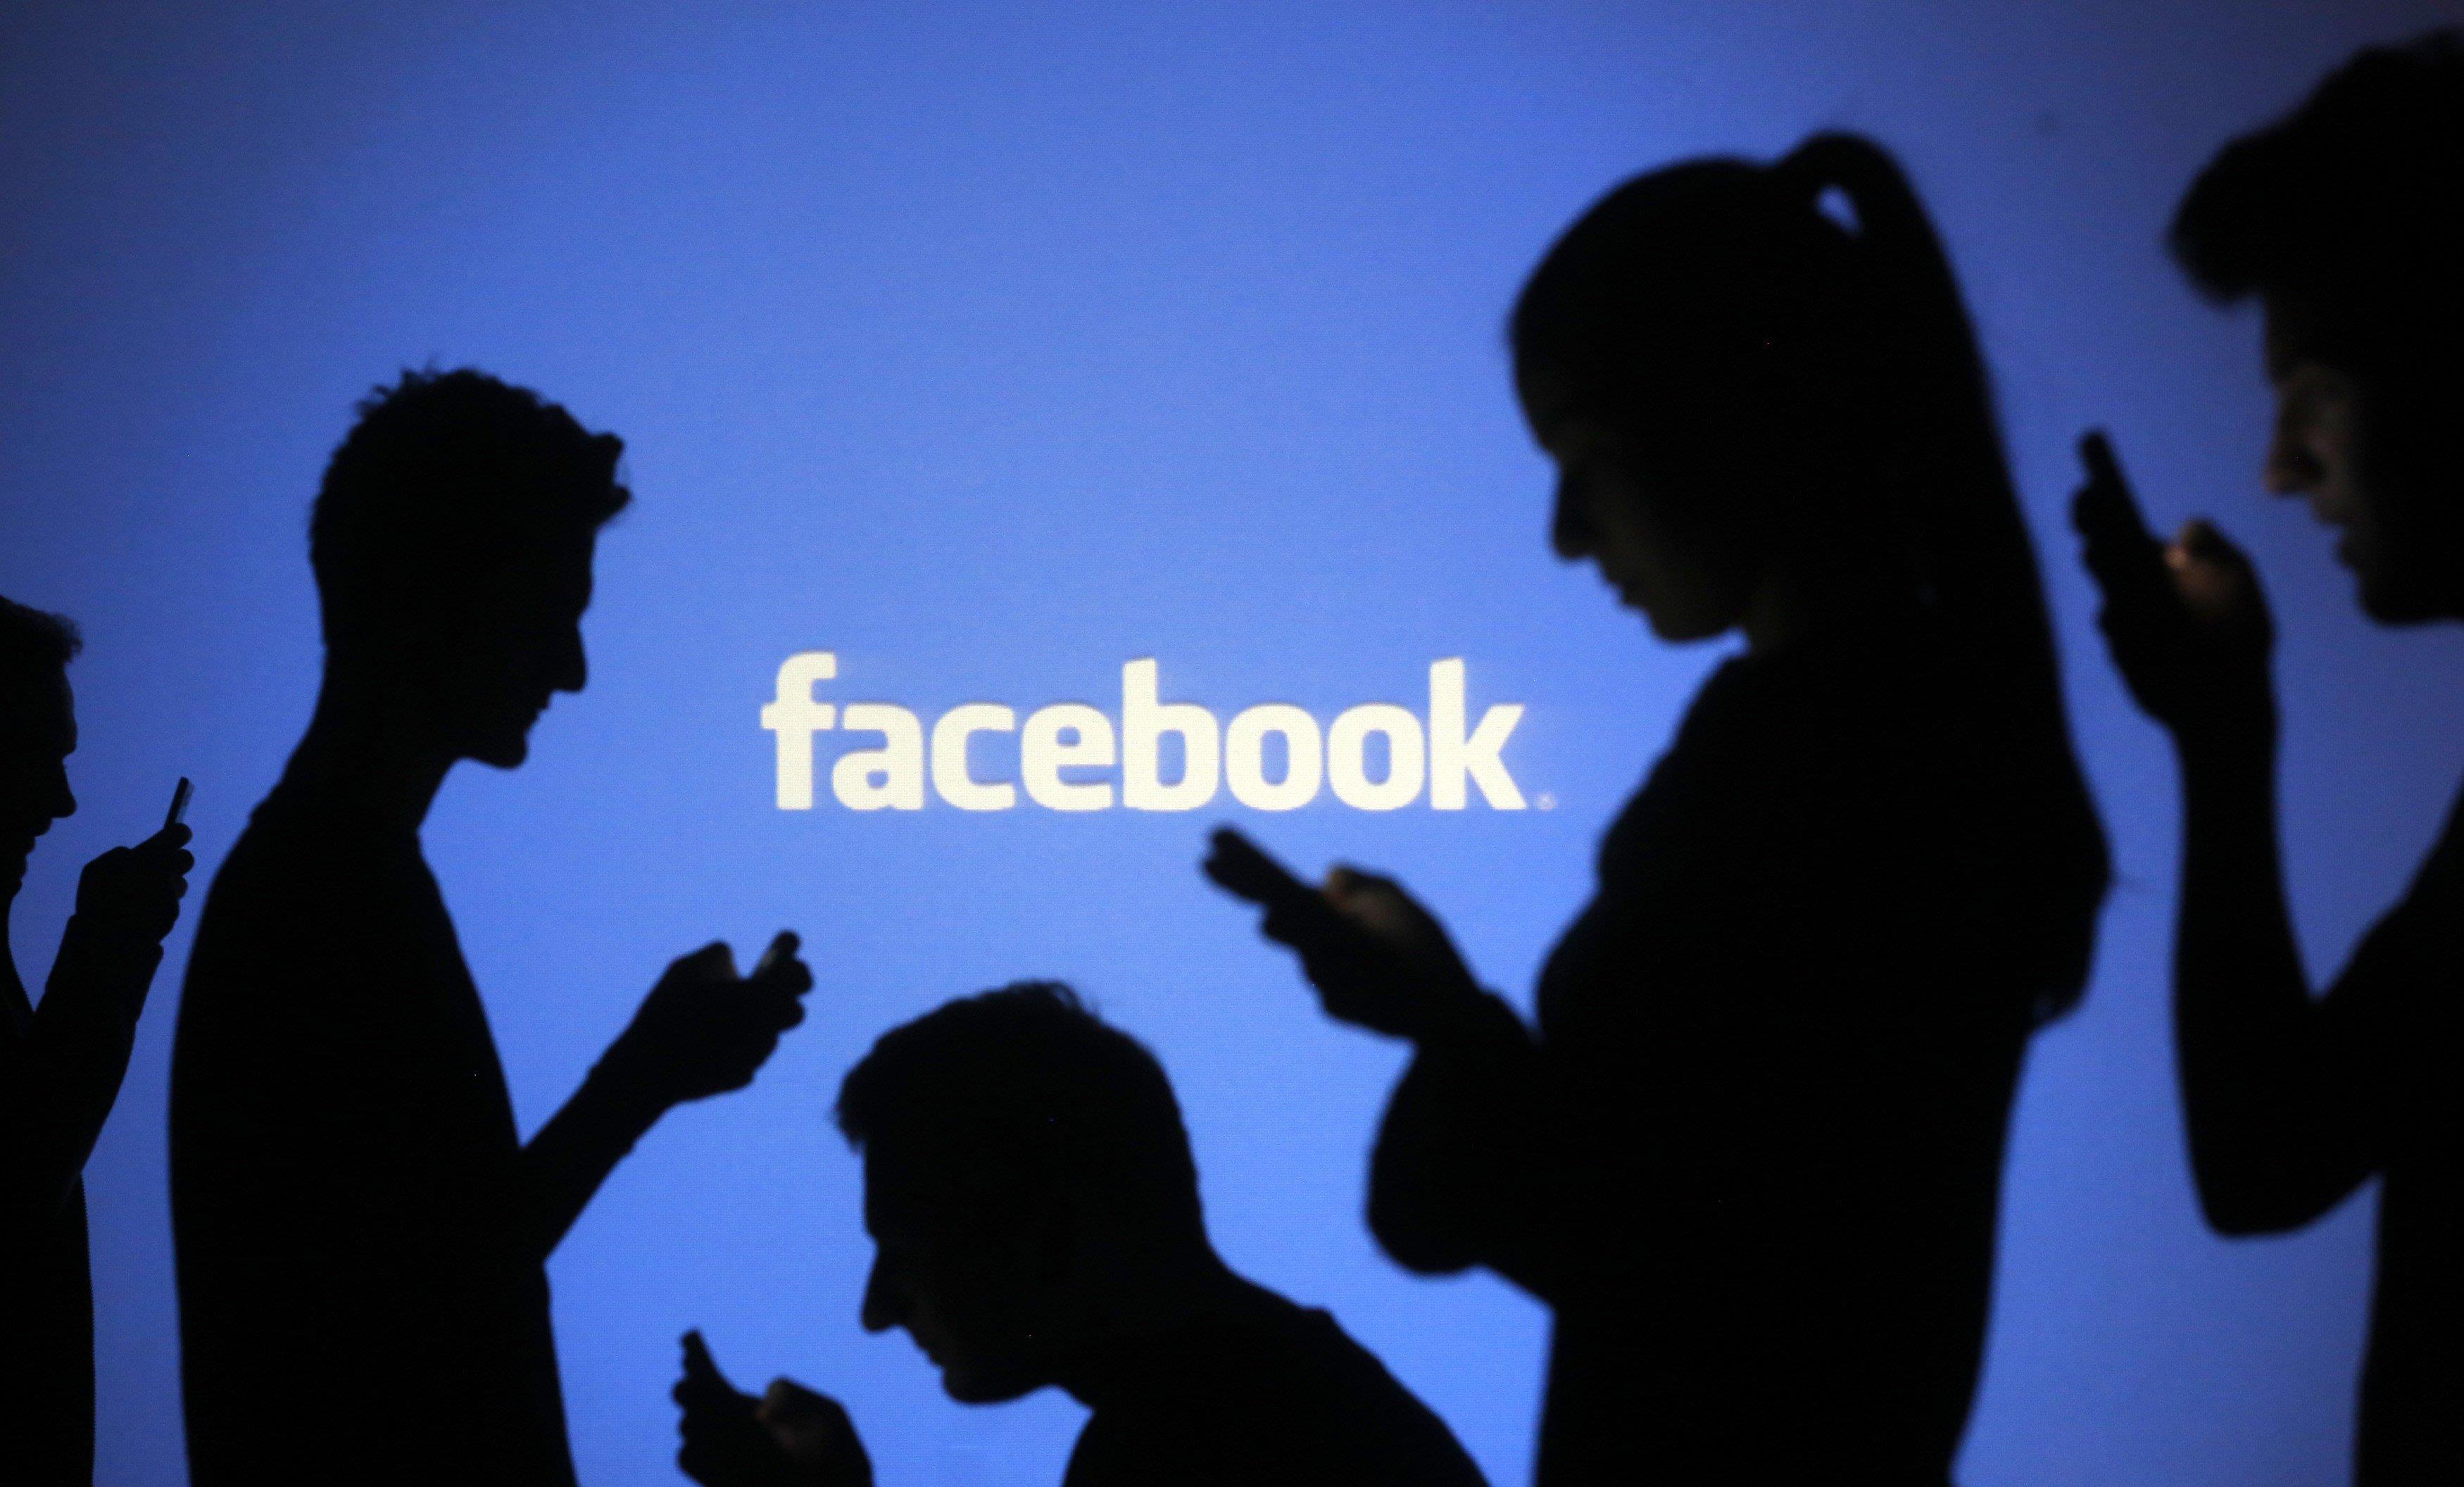 أسهم فيسبوك تقفز 15.5 بالمئة بعد إعلانها نتائج قوية